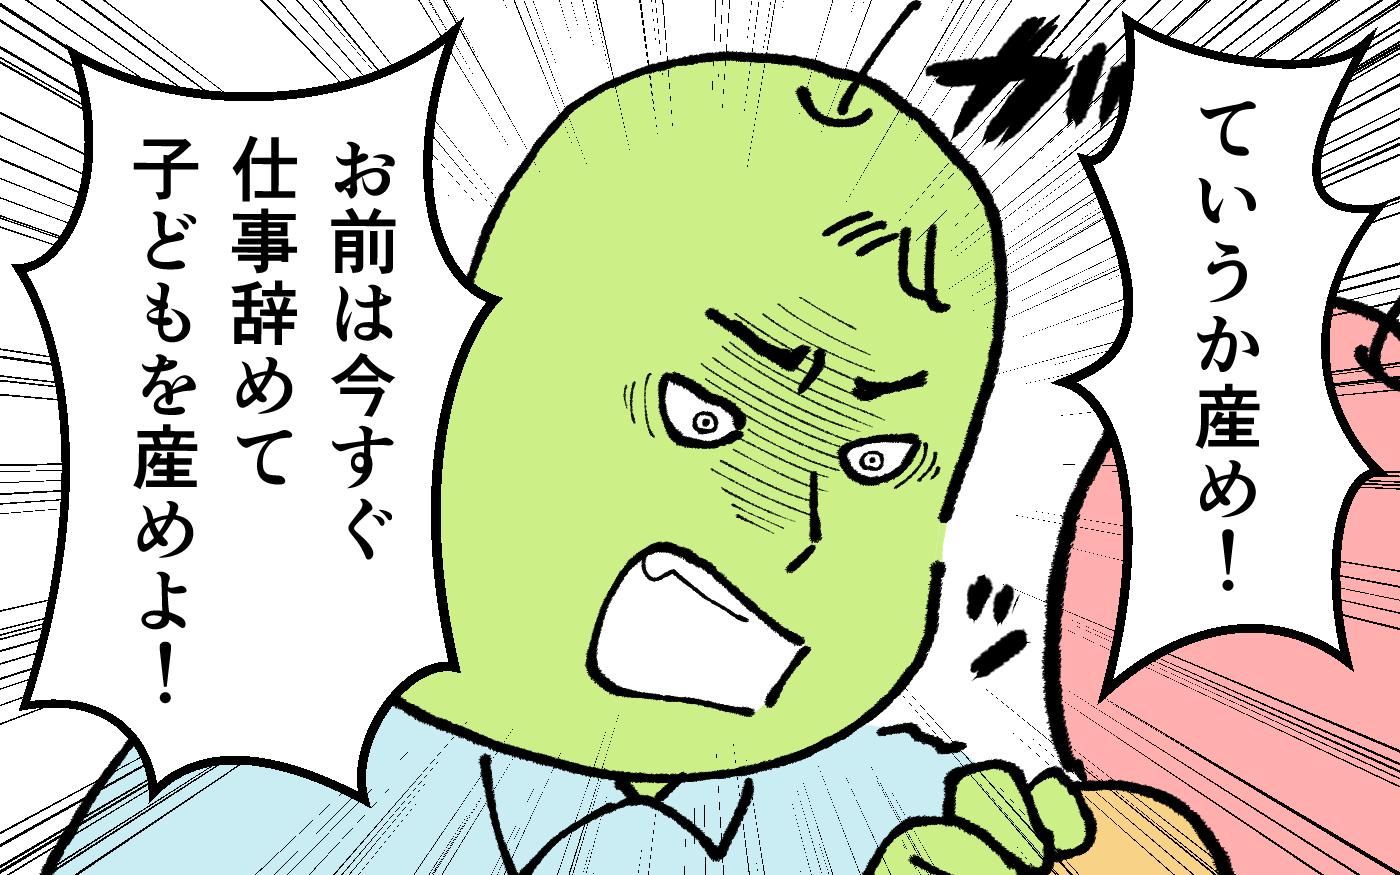 <夫の怖い裏の顔>「俺のタイミングで子どもを産むんだ!」夫からの要求に心が悲鳴を上げる